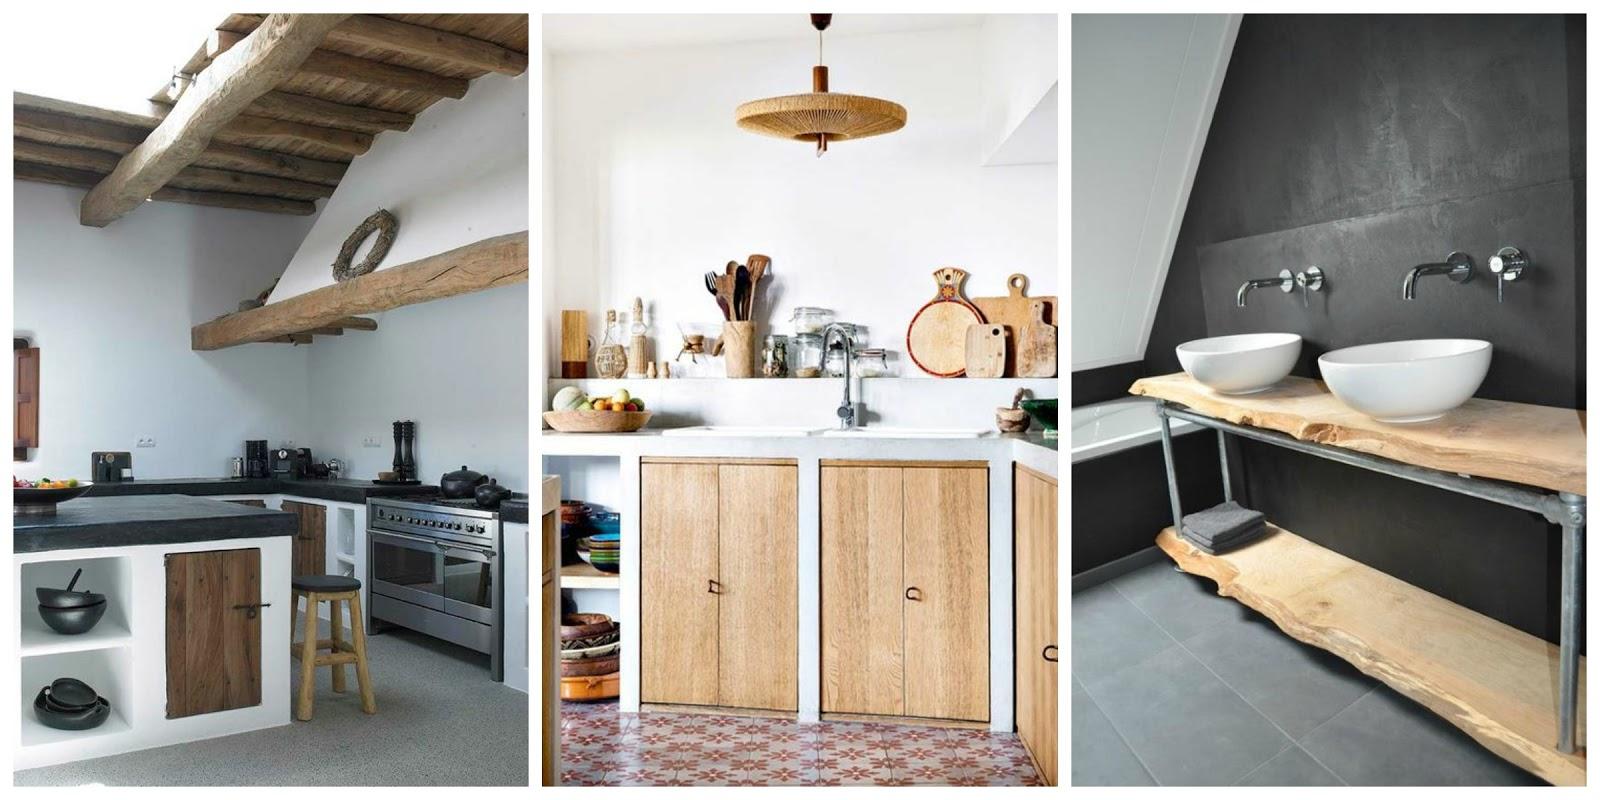 Sweet harmonie el estilo ibicenco un estilo natural y for Como decorar nuestra casa